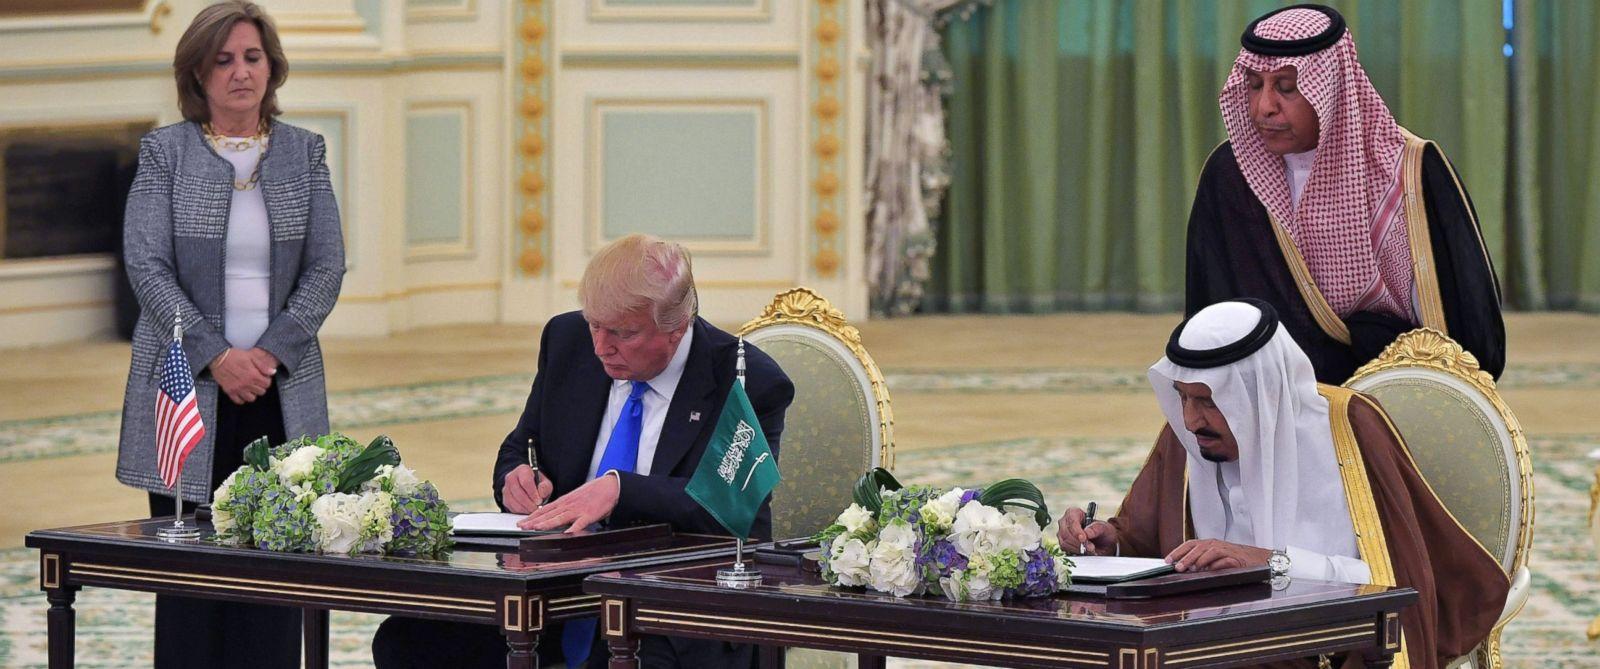 gty-donald-trump-salman-bin-abdulaziz-al-saud-mt-170606_12x5_1600